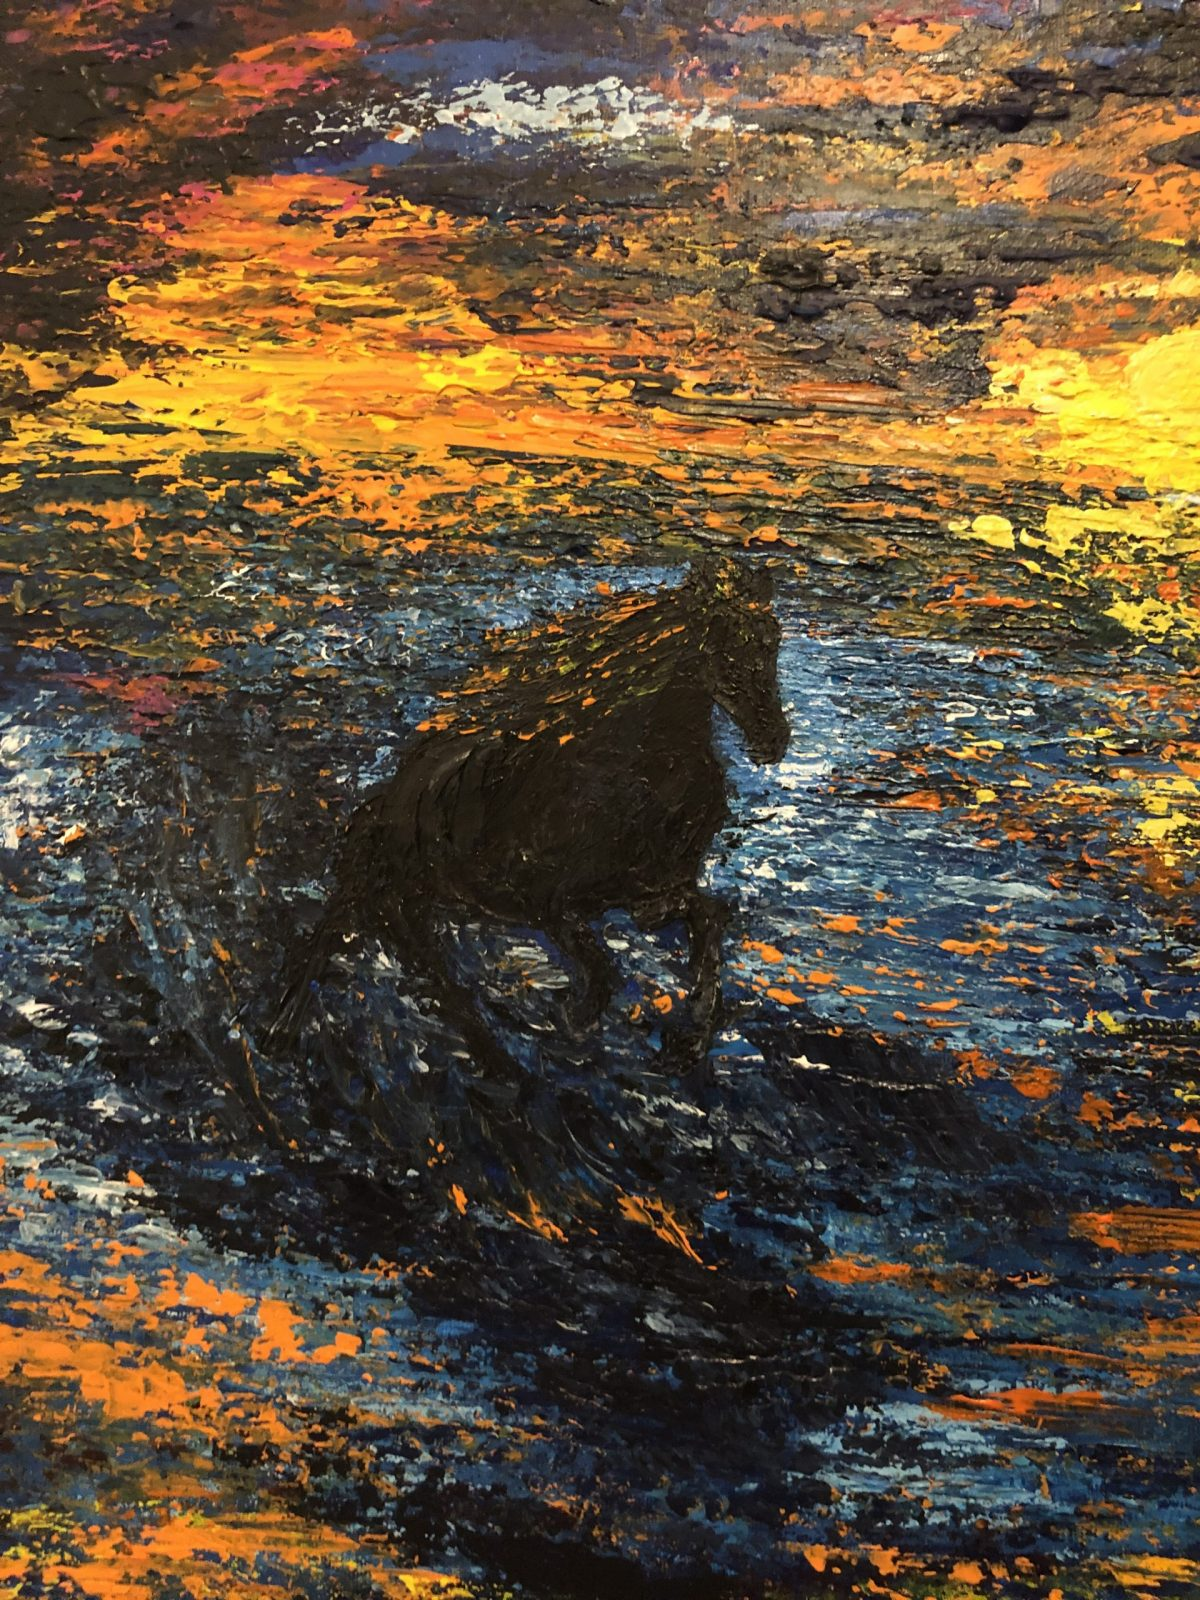 Galopant dans la vague au coucher de soleil, gros plan sur le cheval